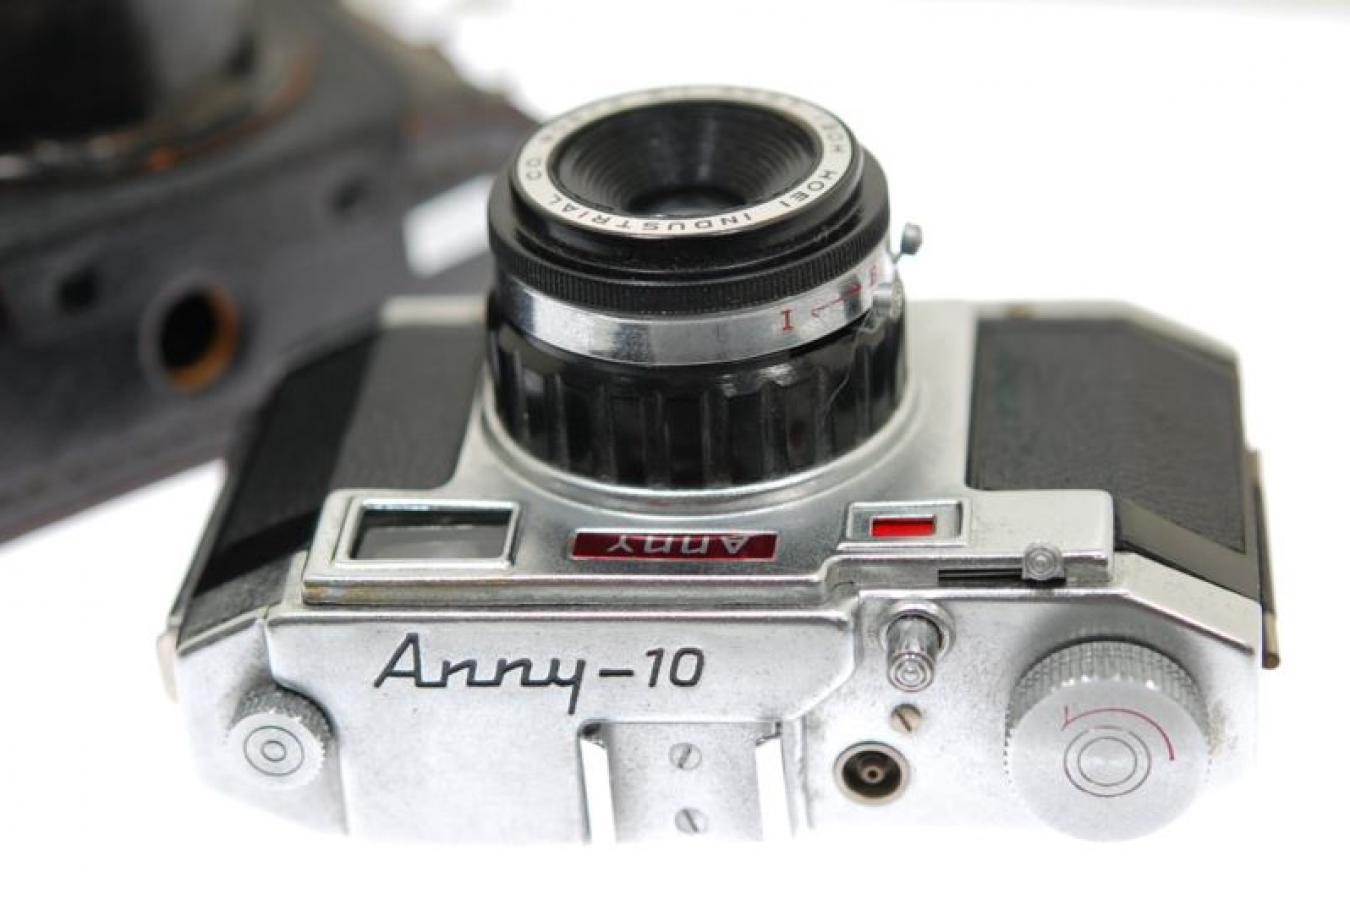 【珍 品】 豊栄産業製 ANNY-10 【純正ケース付】